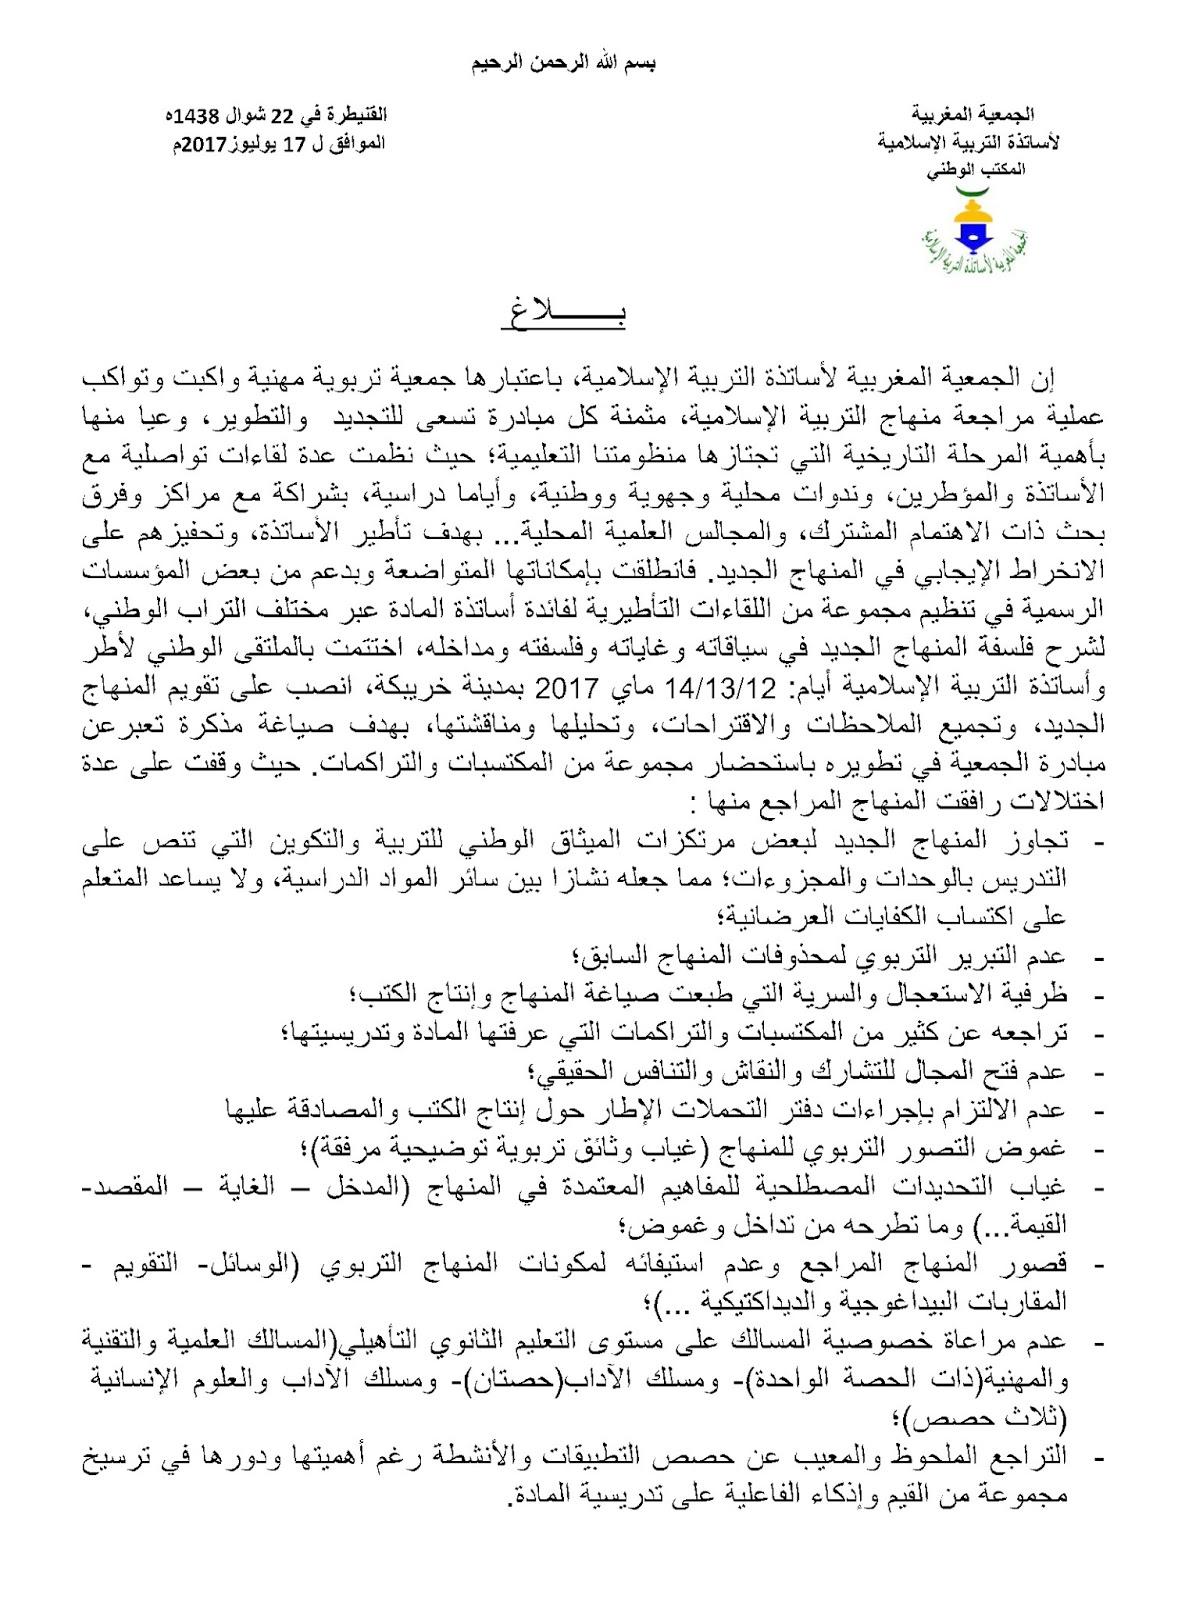 بلاغ من الجمعية المغربية لأساتذة التربية الإسلامية بتاريخ 17 يوليوز 2017